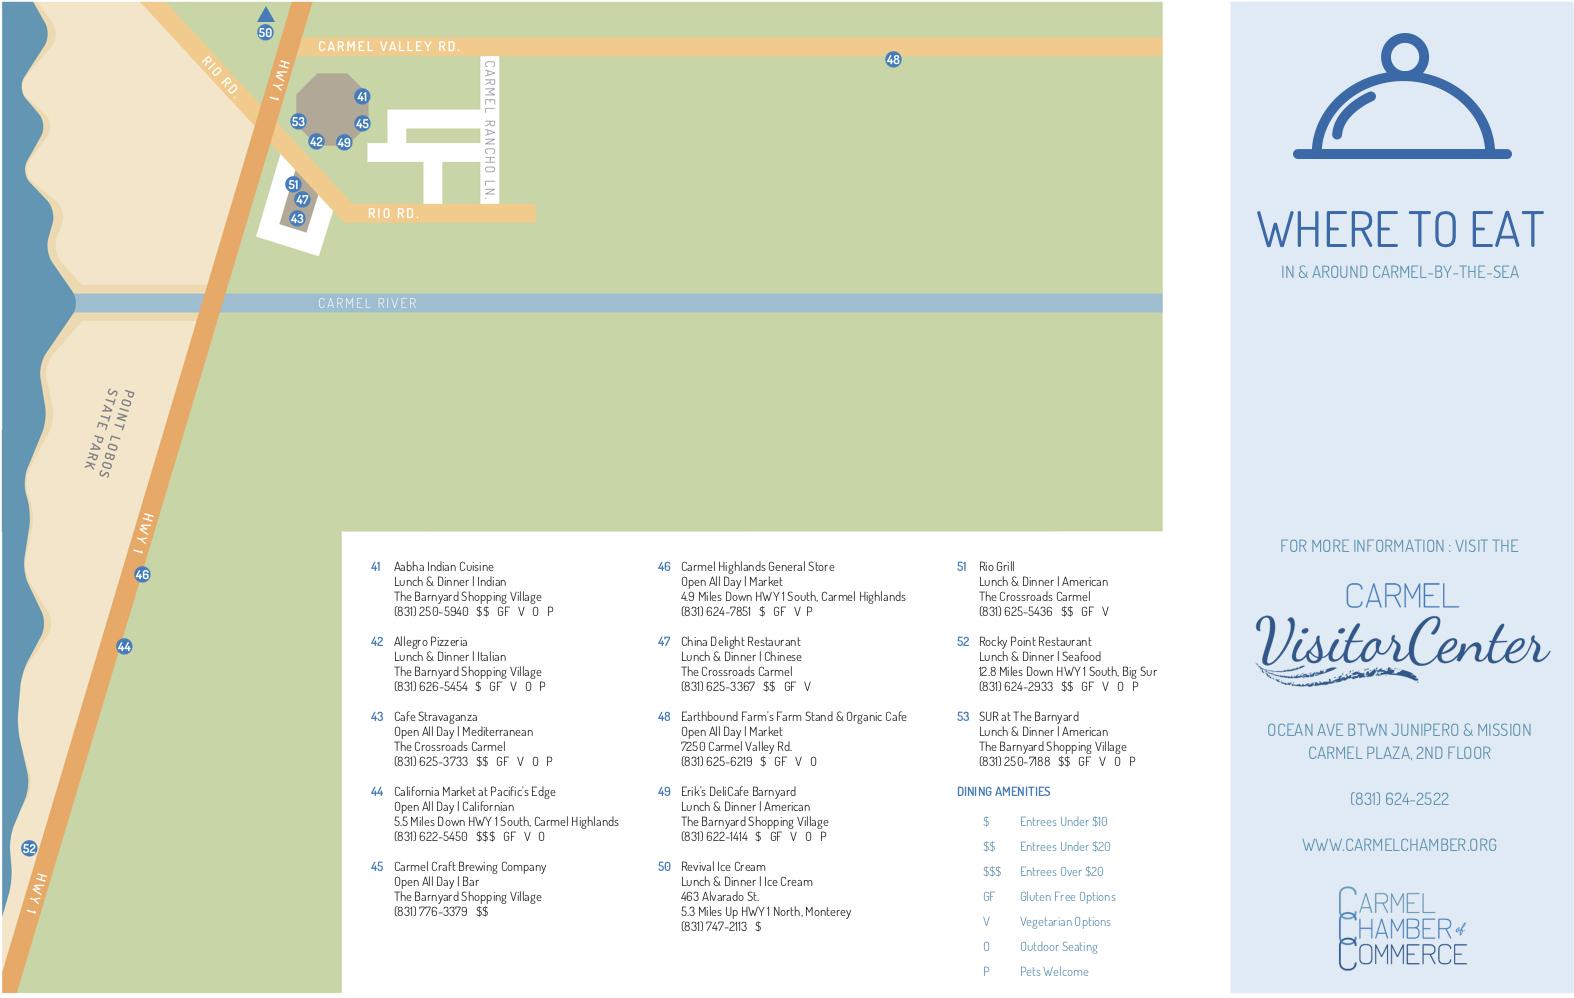 Carmel Restaurant Map • Carmel Chamber of Commerce on